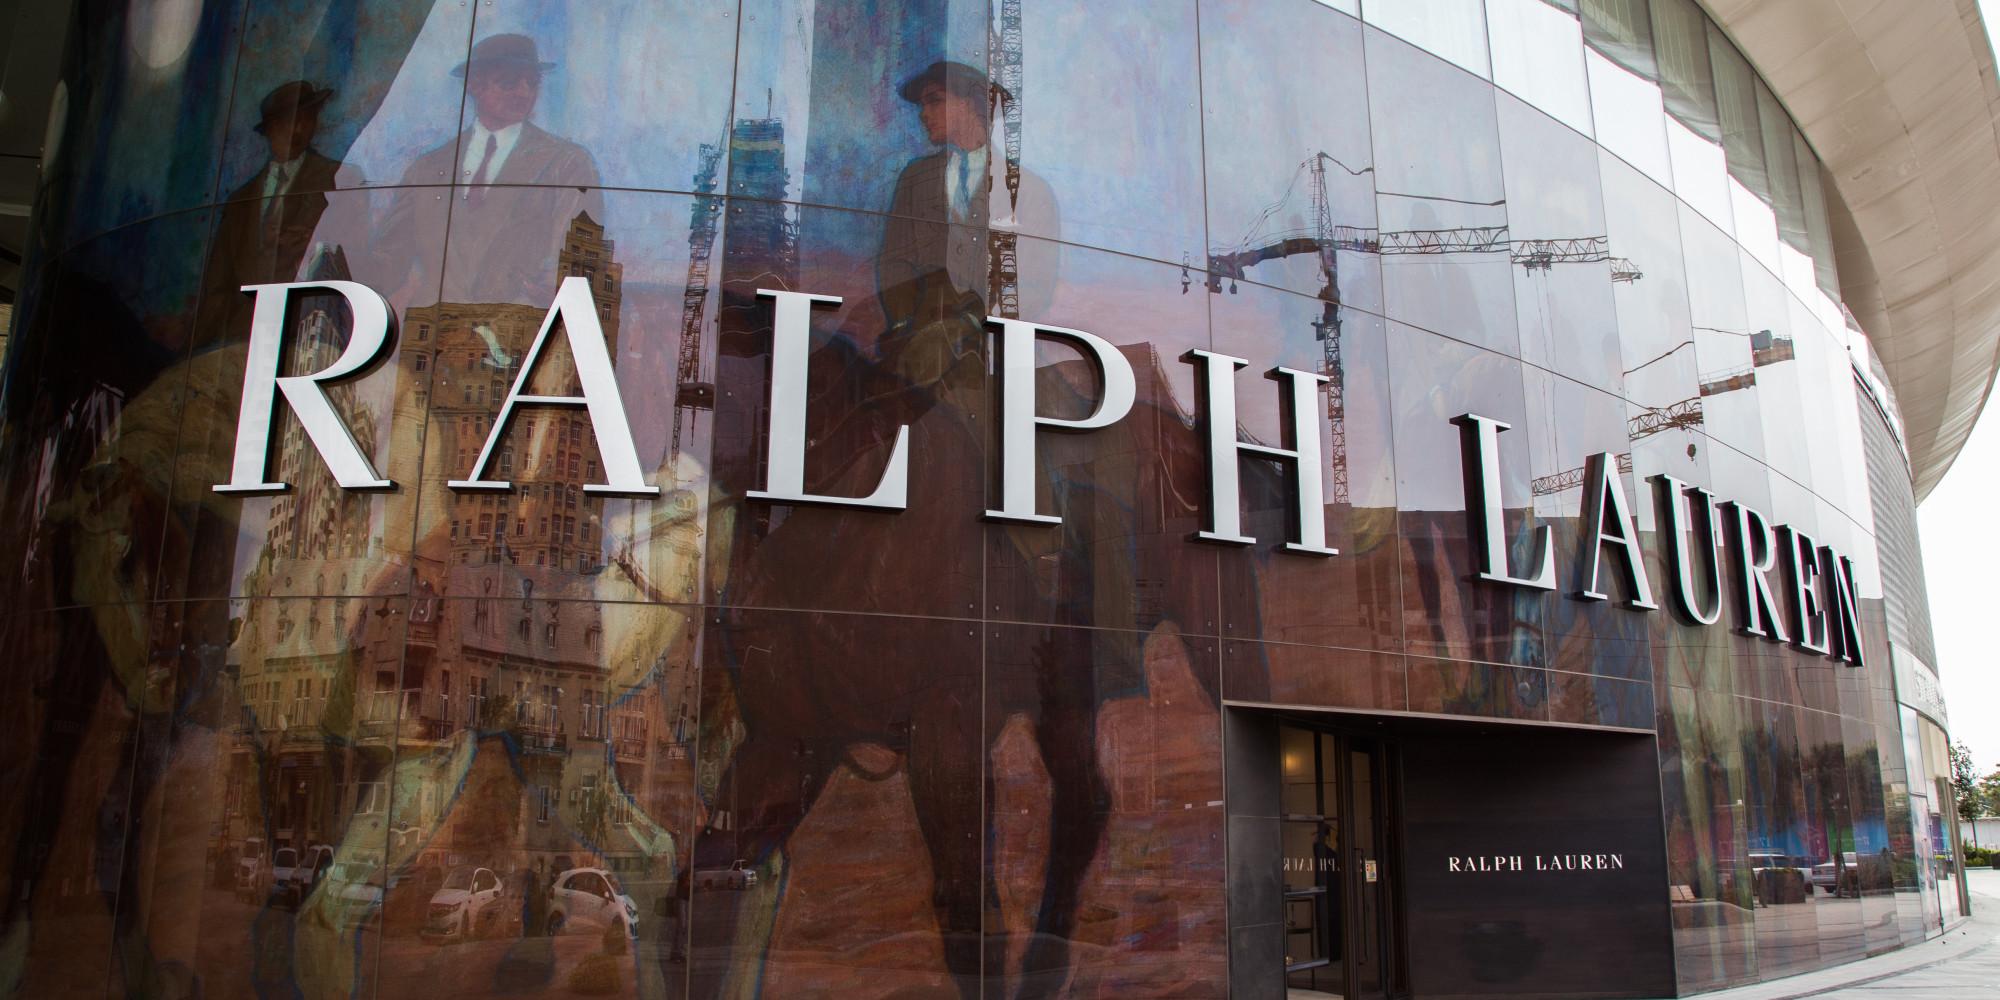 ralph lauren supprime des emplois et ferme des magasins